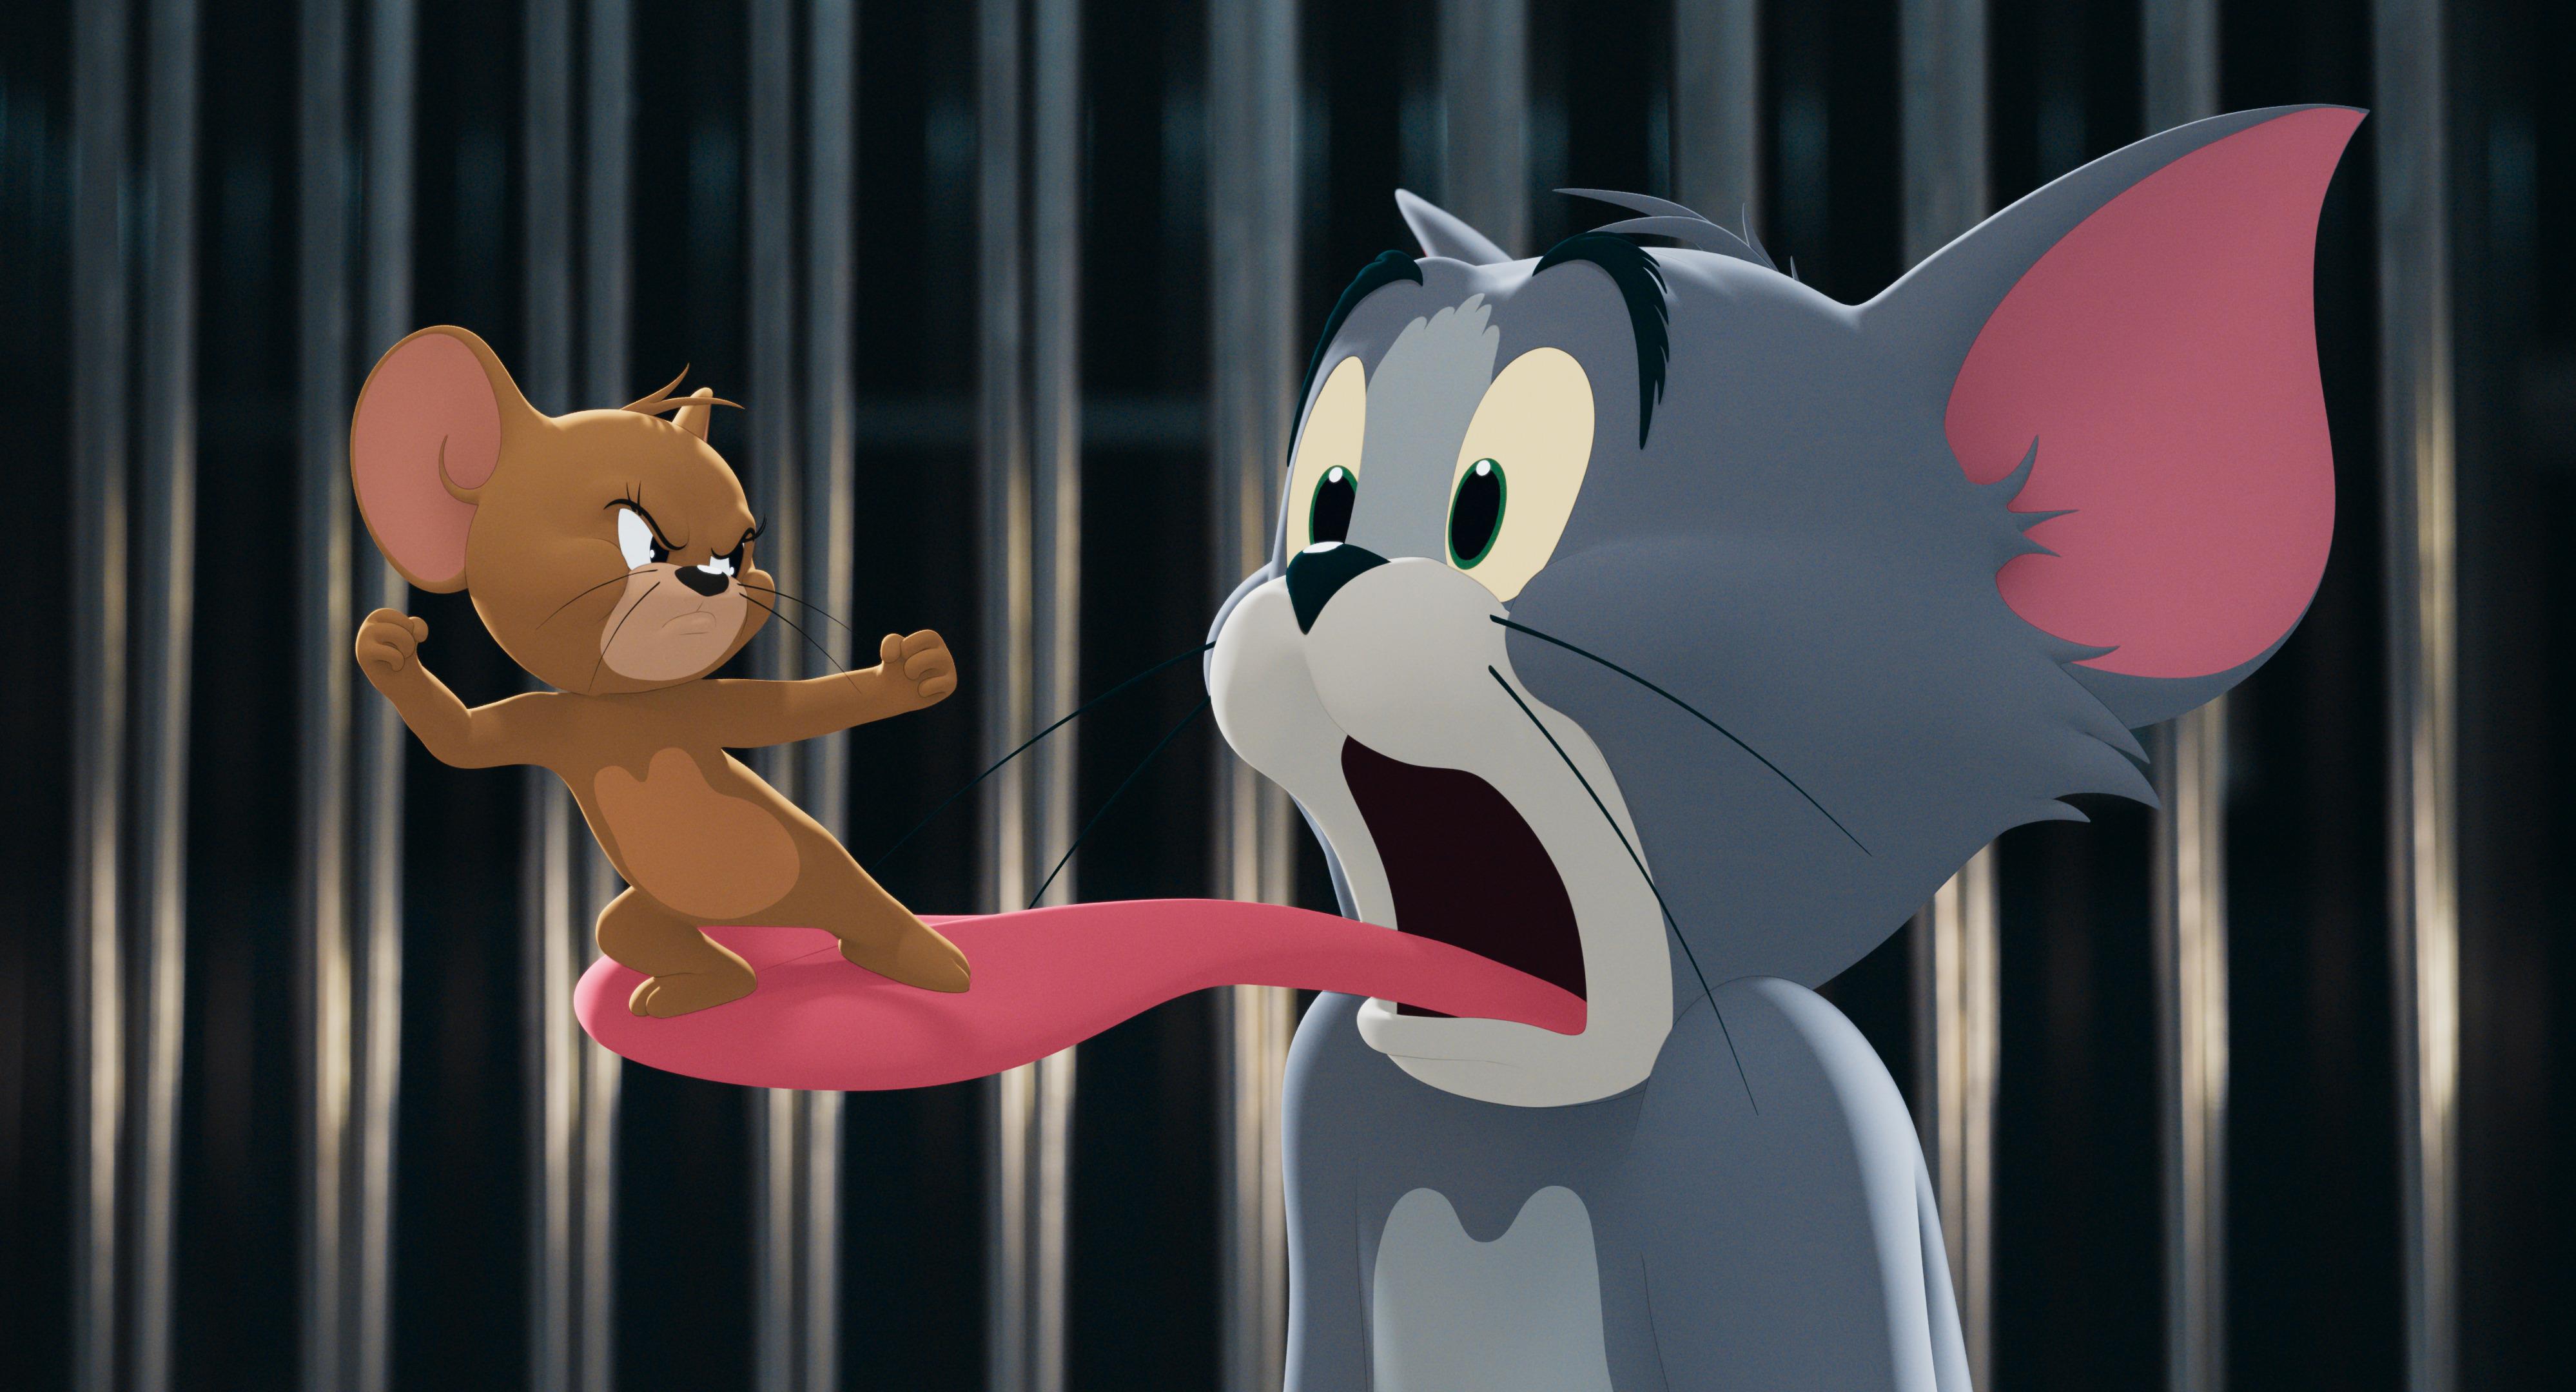 《猫和老鼠》剧照。